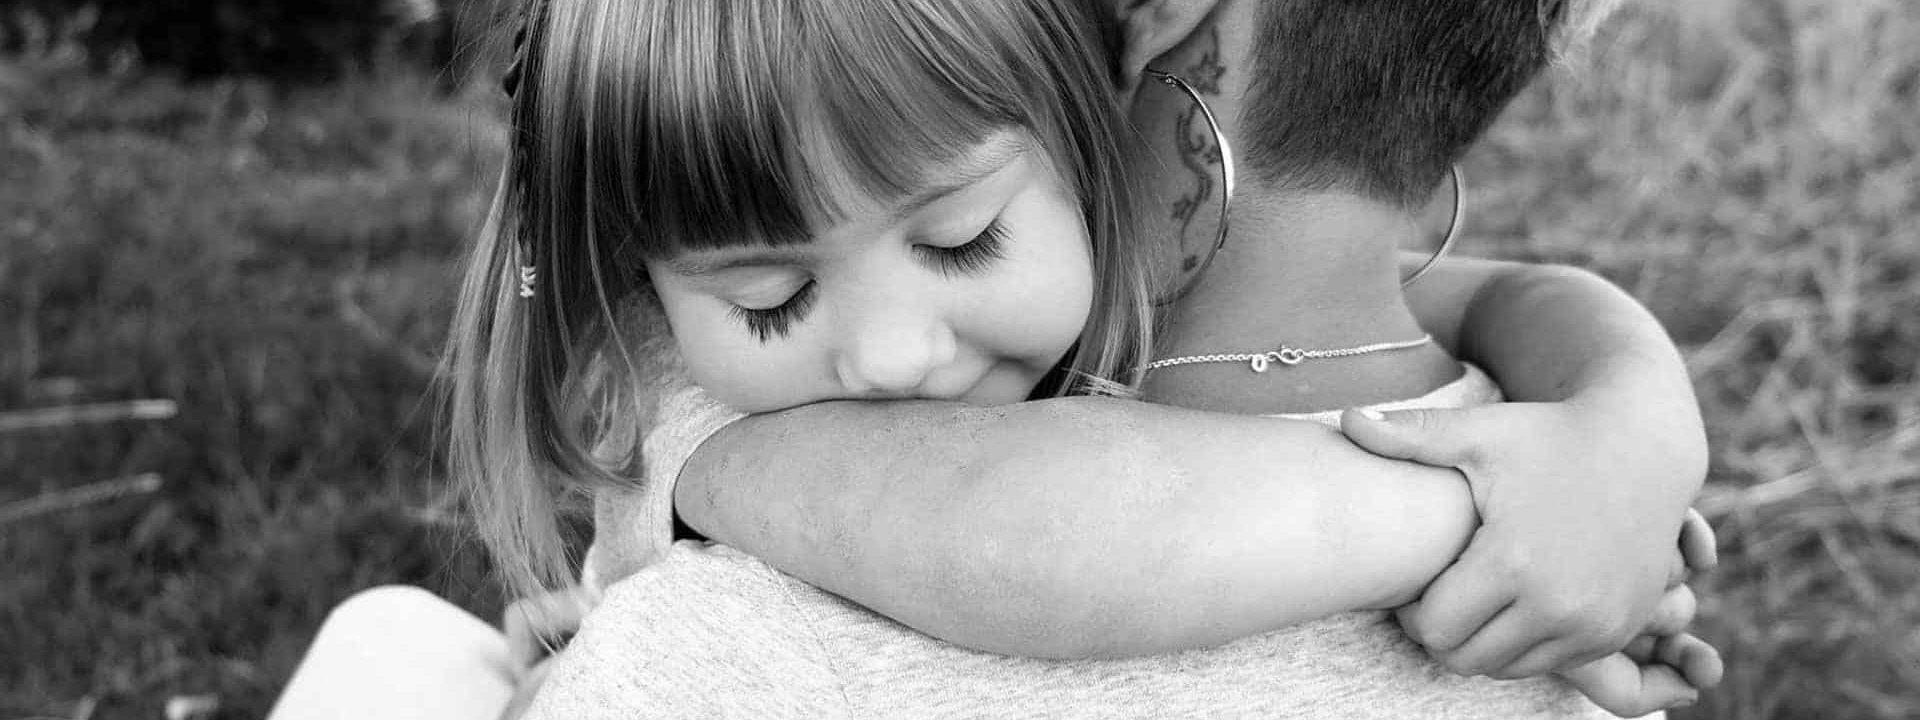 Mama und Kind Umarmung - Familie und Liebe